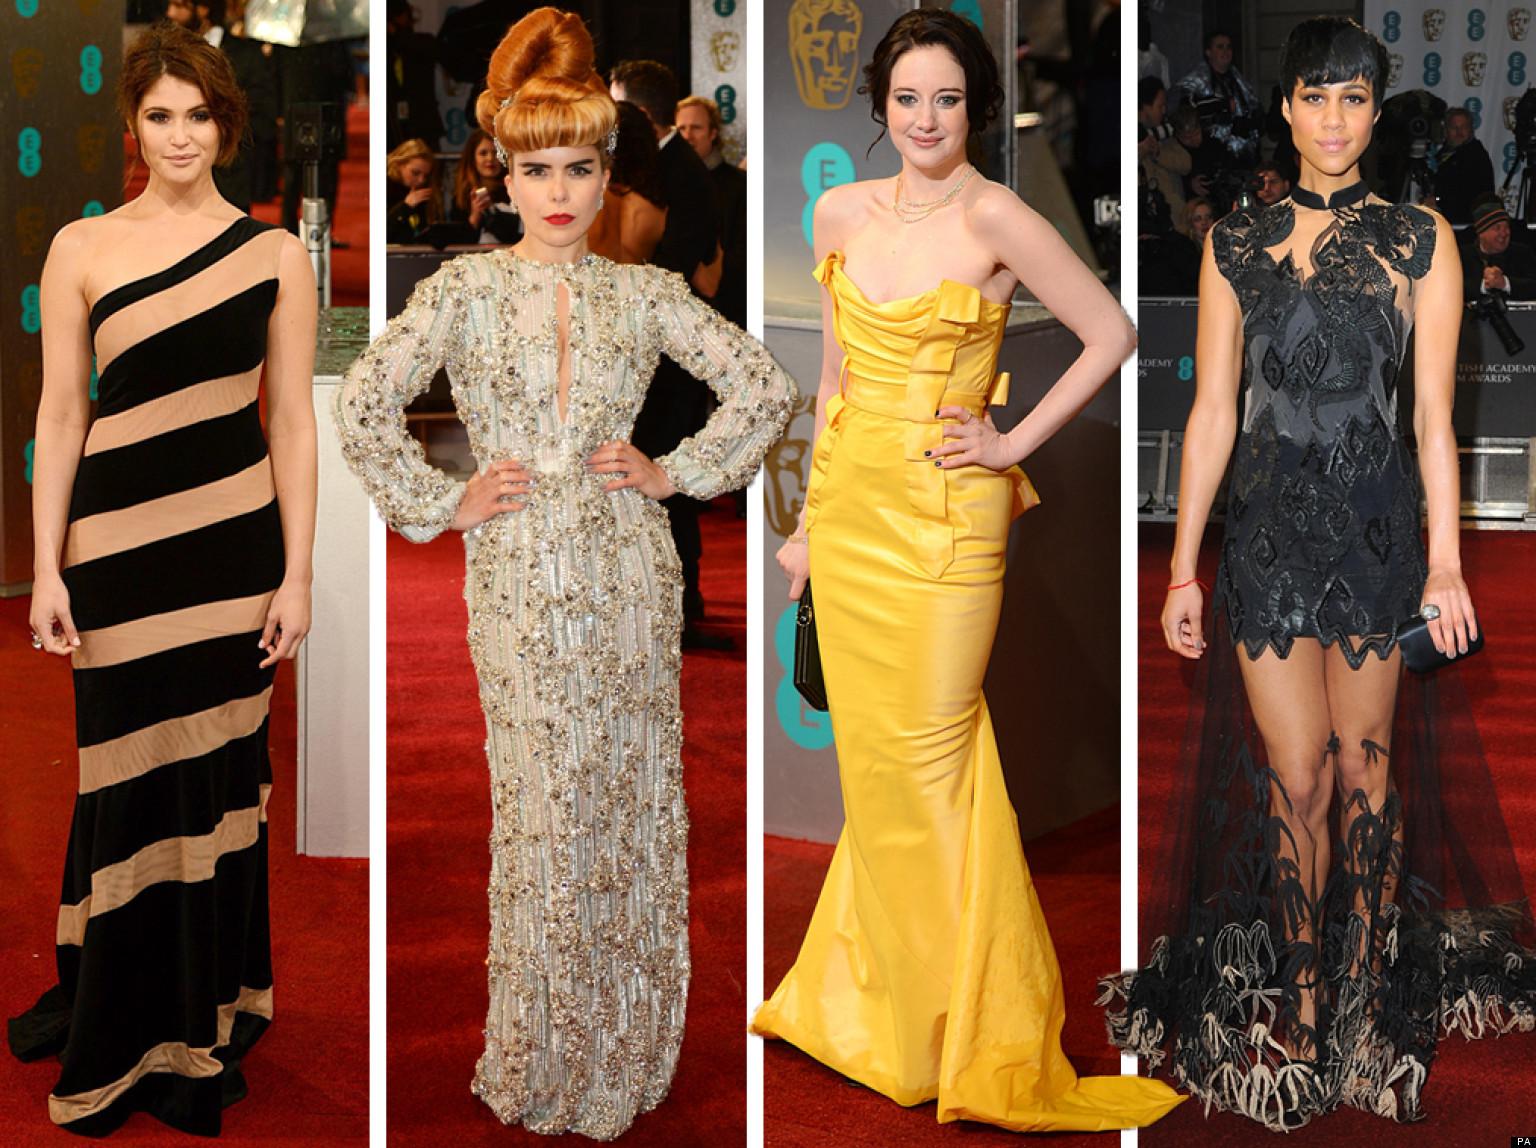 Baftas: Baftas 2013: Best And Worst Dressed